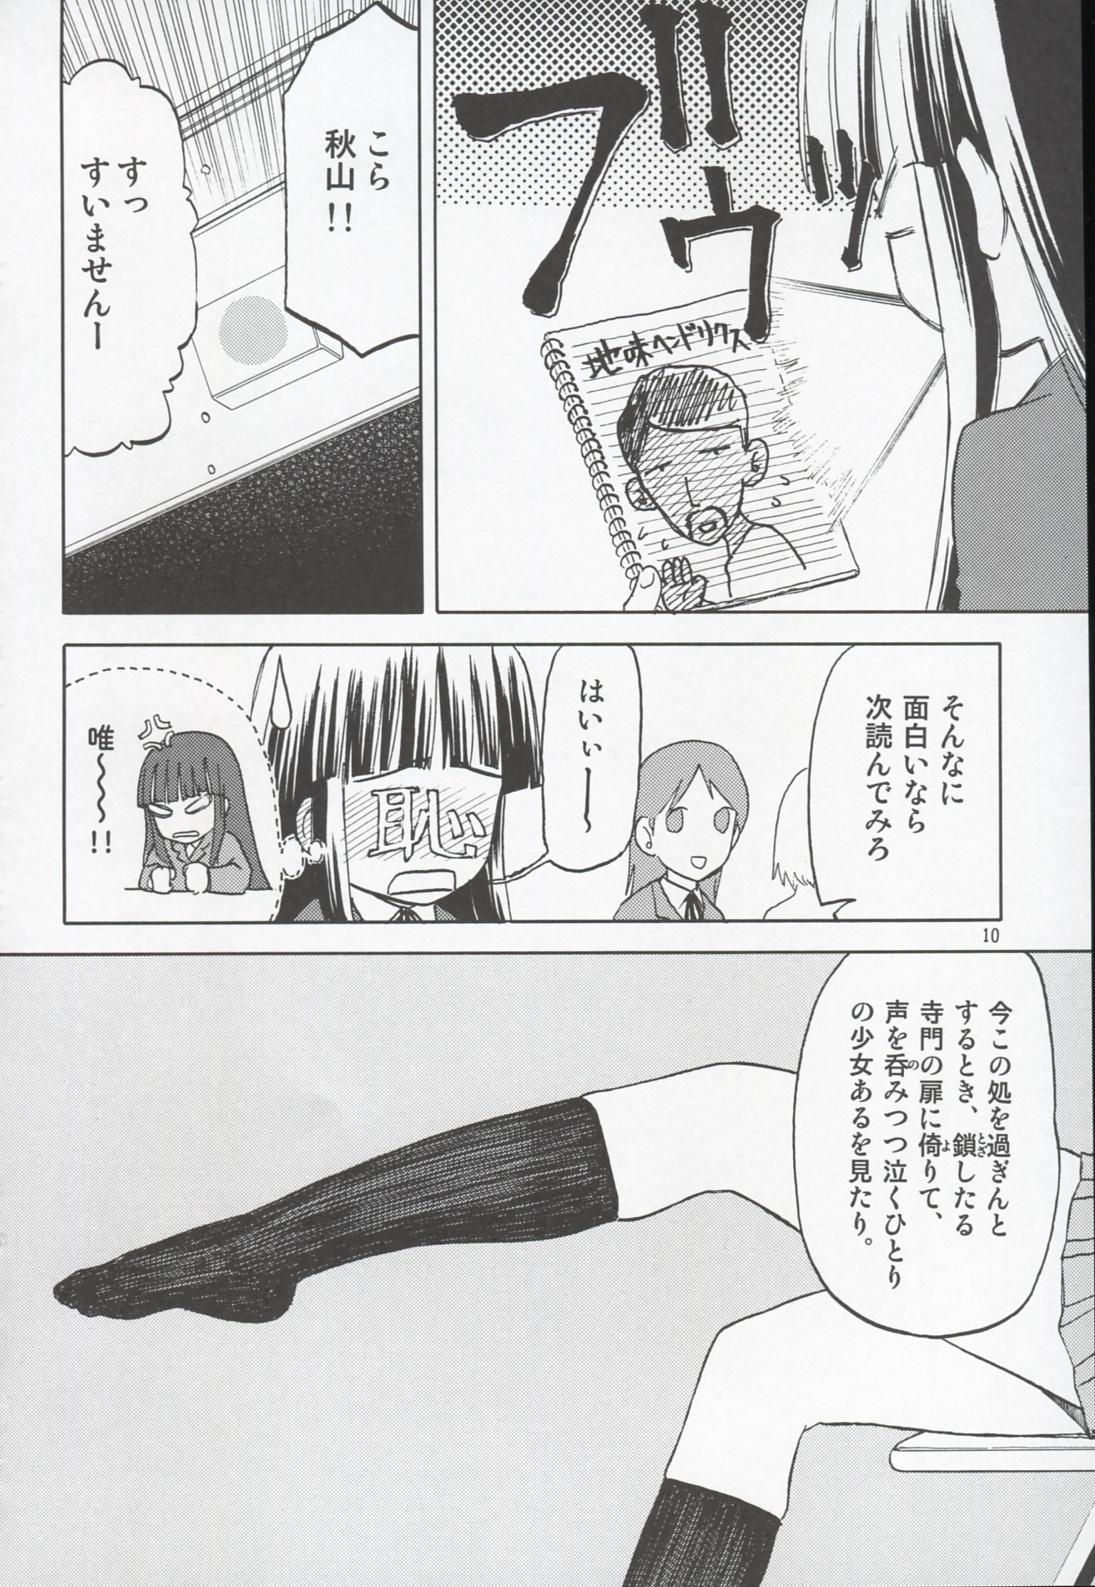 Okappa Rongu no  Iru Huuken sideA 8